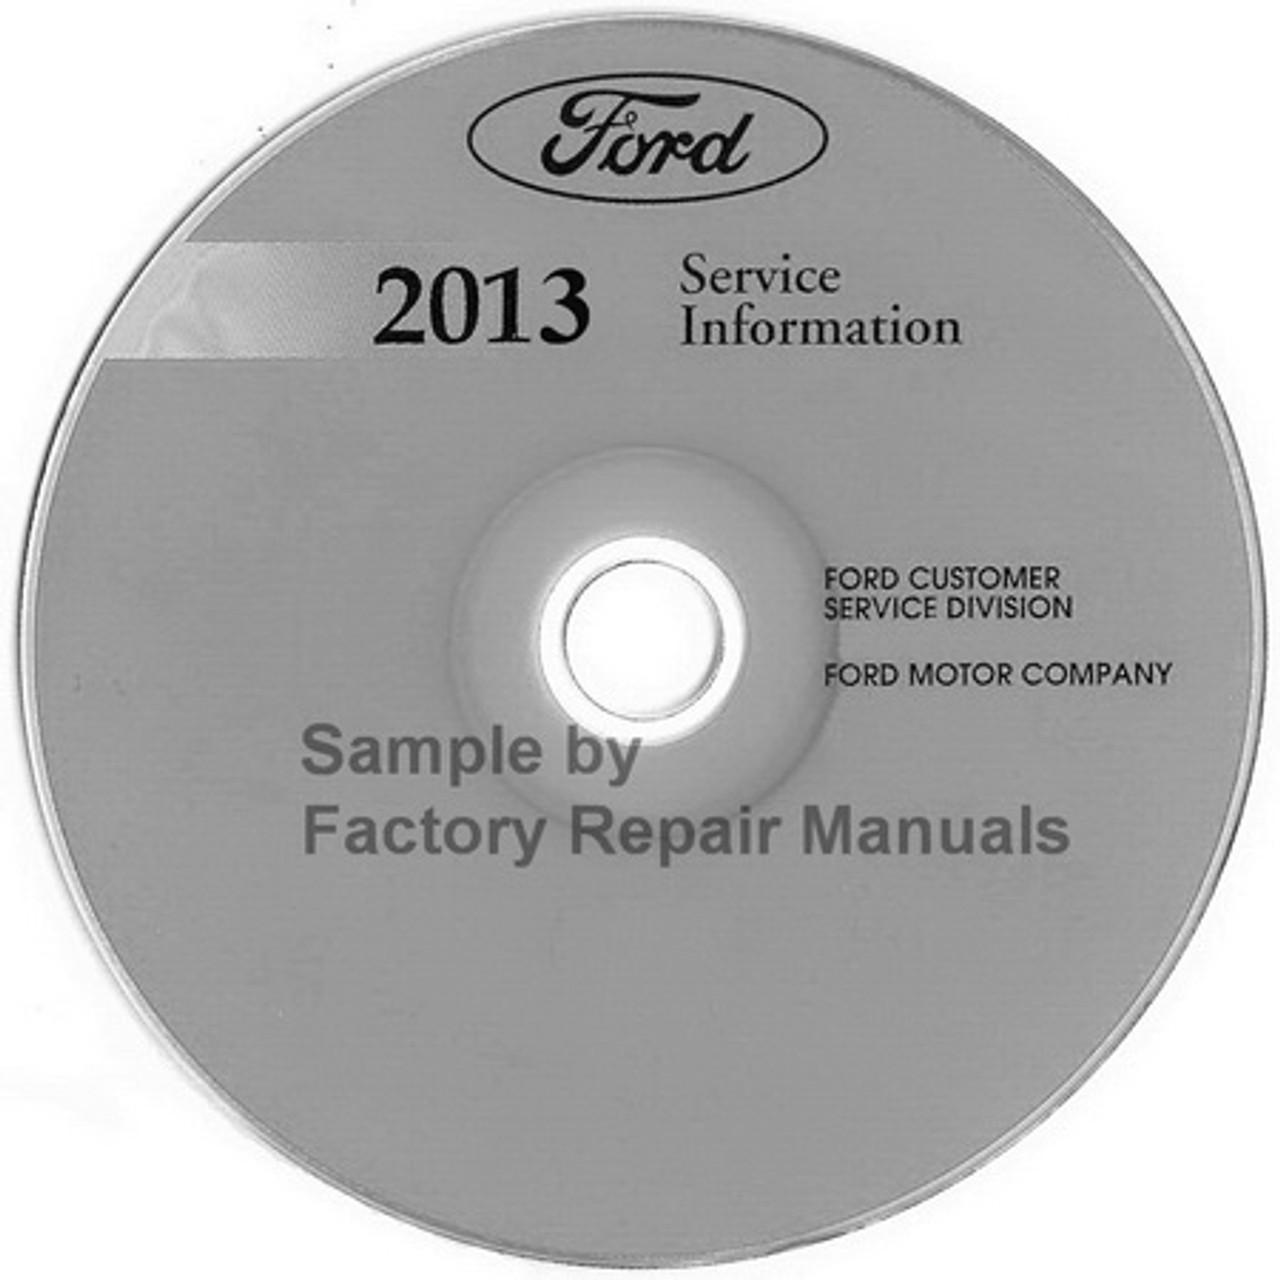 2013 Ford Flex Factory Service Manual Cd Original Shop